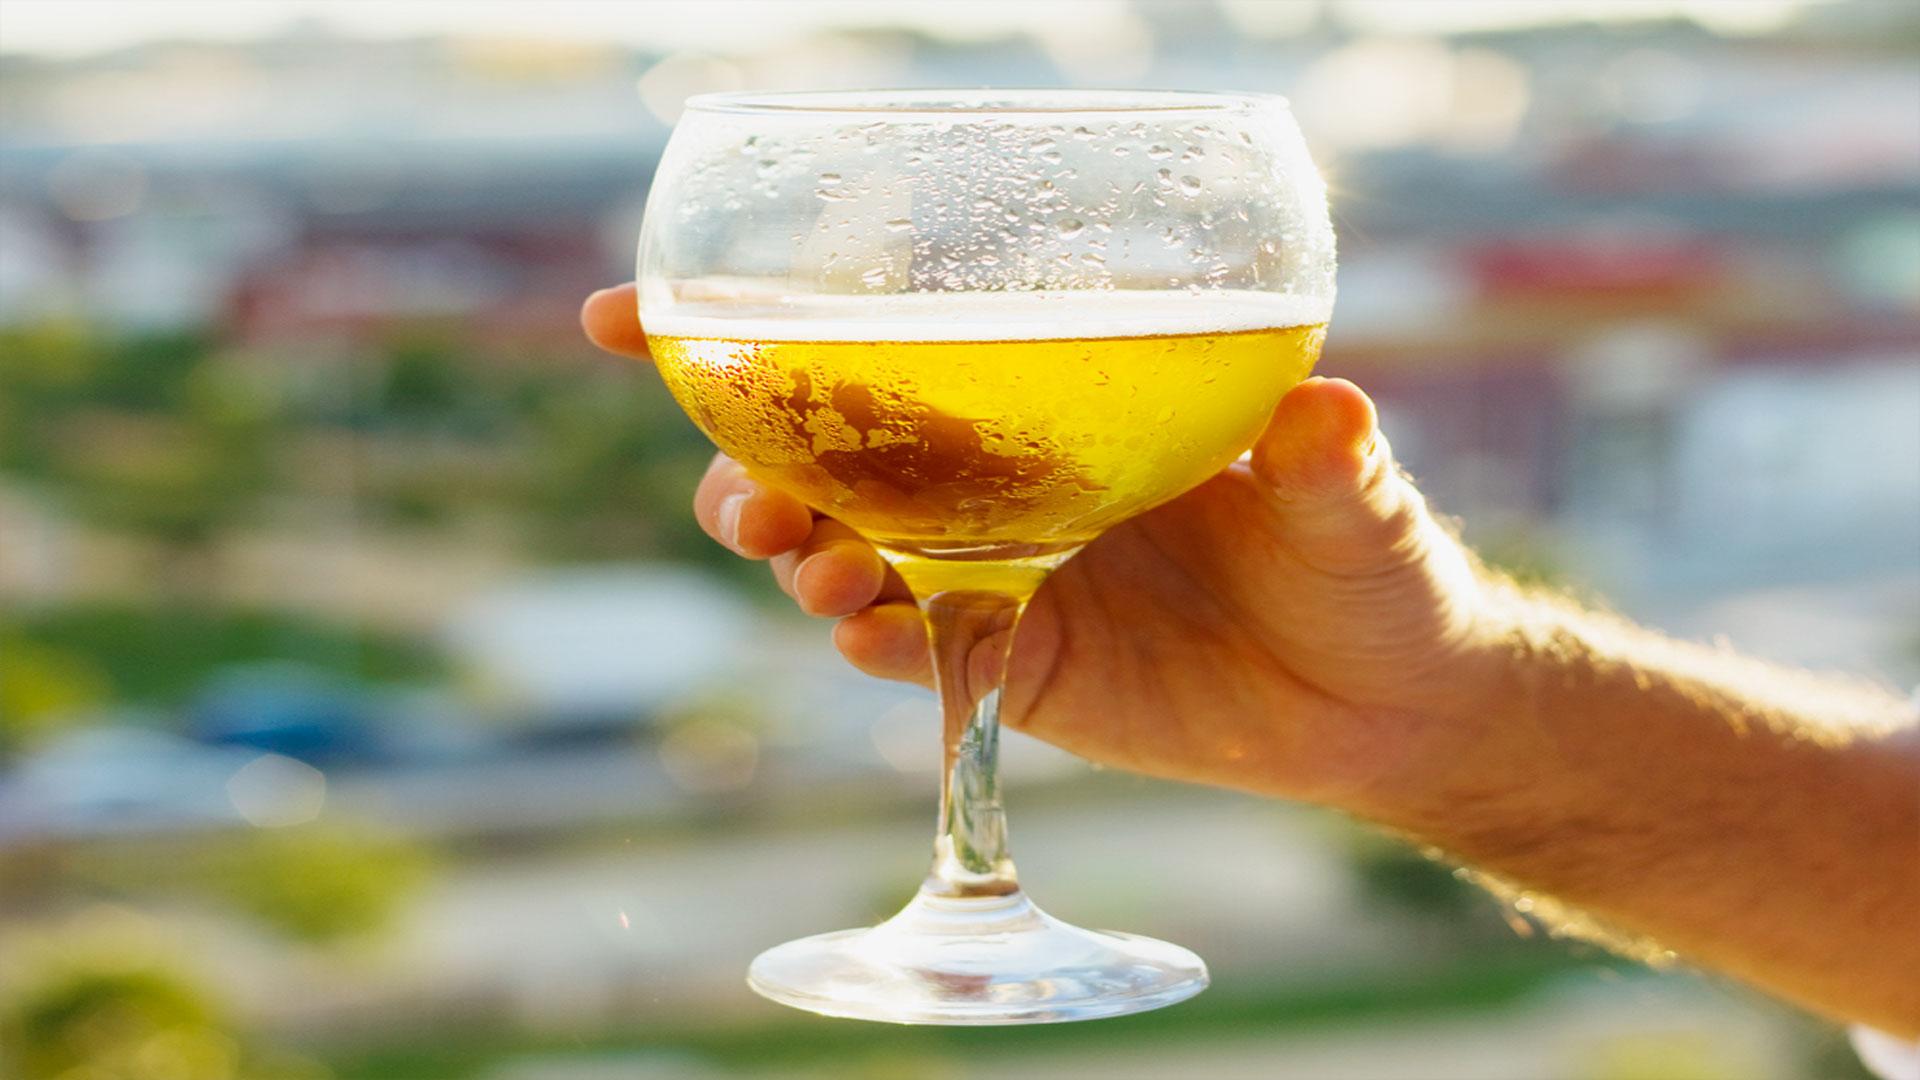 Crean-una-app-para-saber-si-la-cerveza-está-rancia-1920